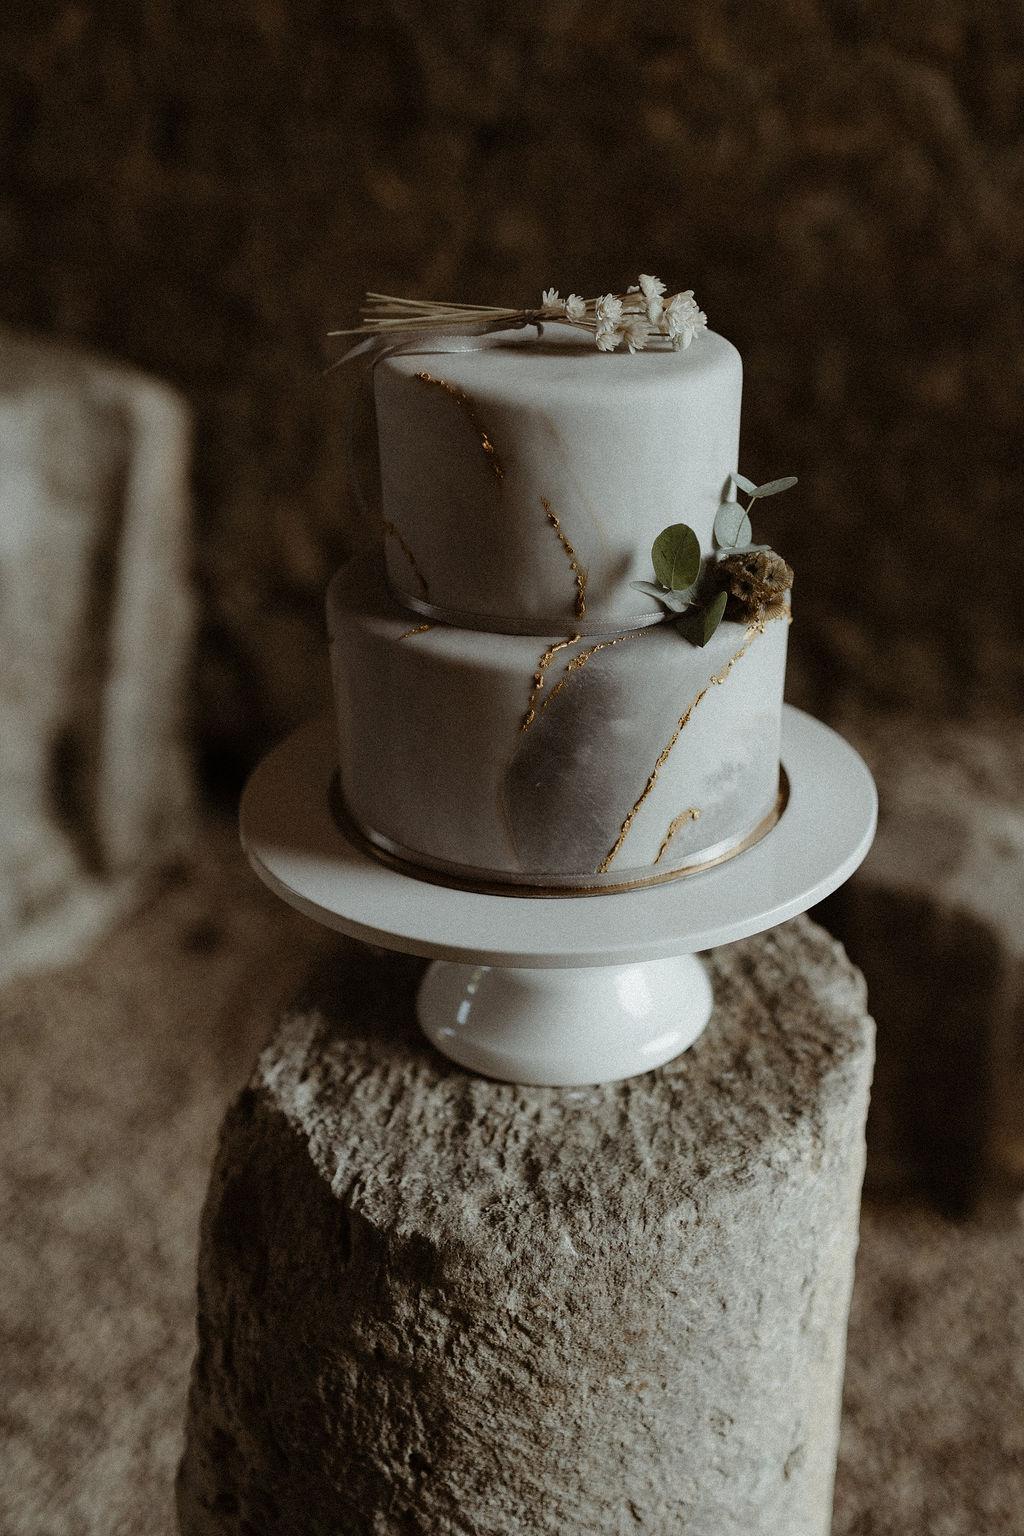 gateau de mariage et wedding cake sur mesure pour un mariage atypique en normandie. Empreinte éphémère wedding planner Provence paris normandie